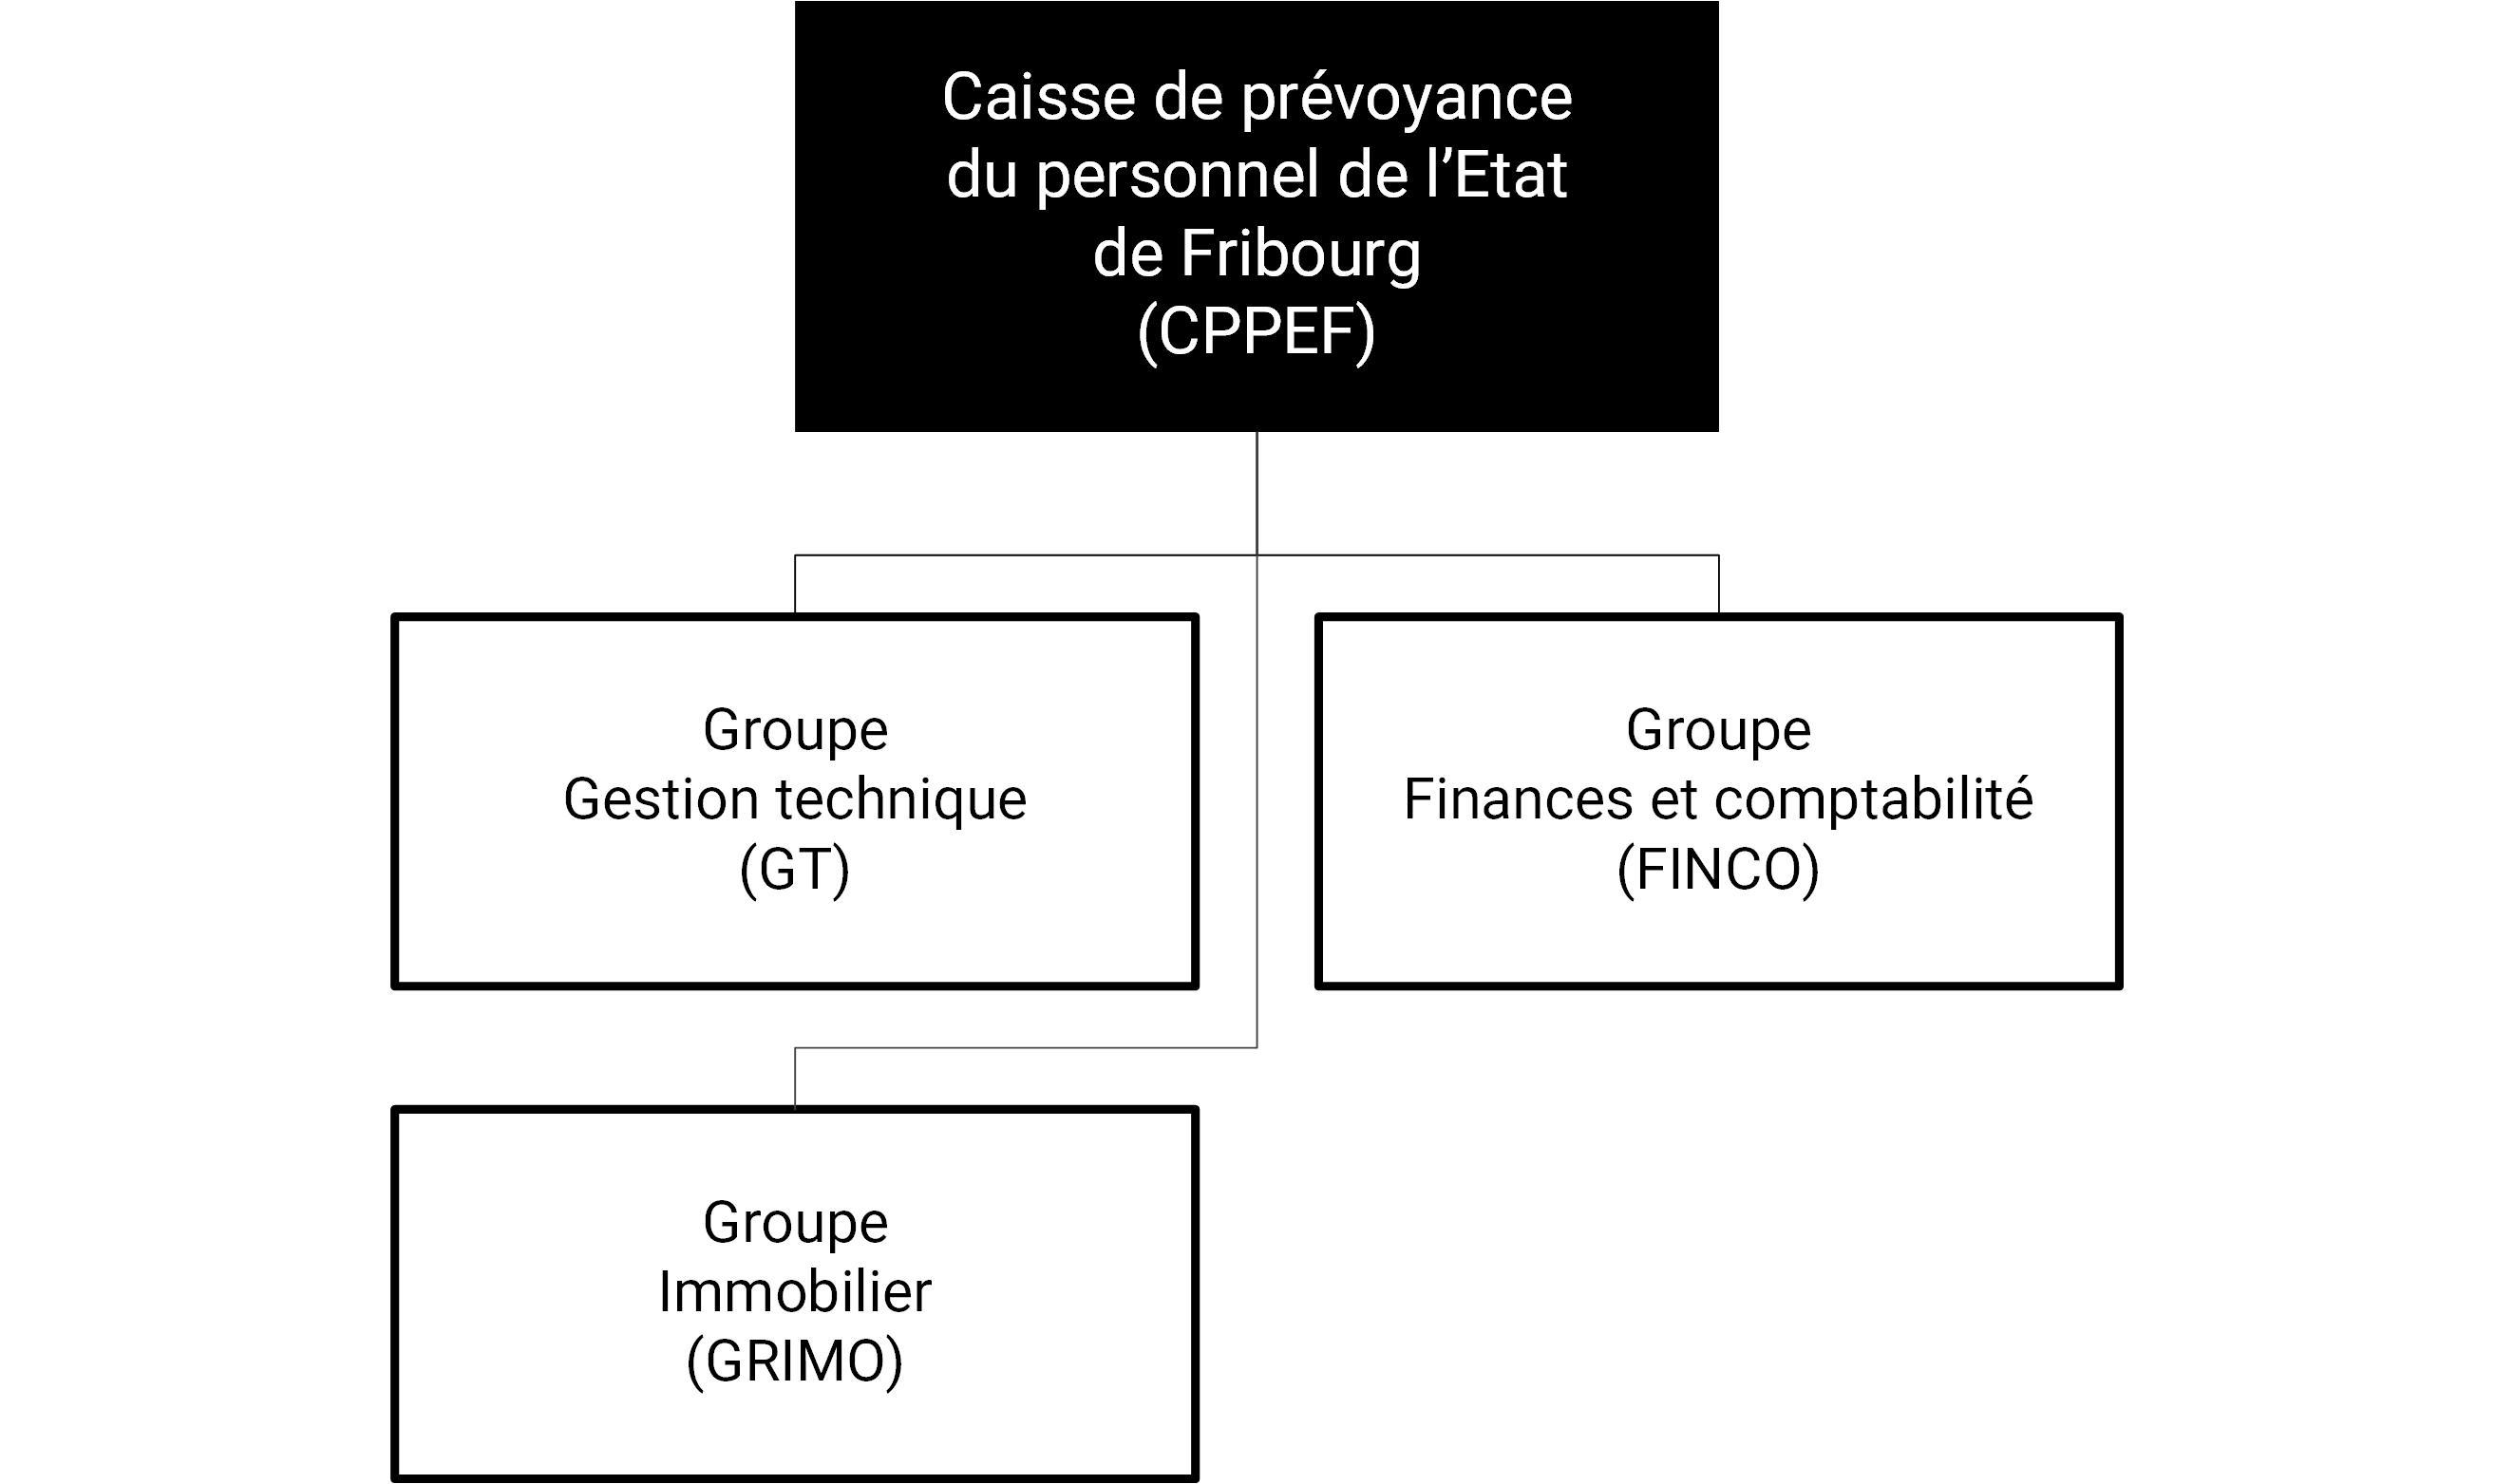 Organigramme de la Caisse de prévoyance du personnel de l'Etat de Fribourg